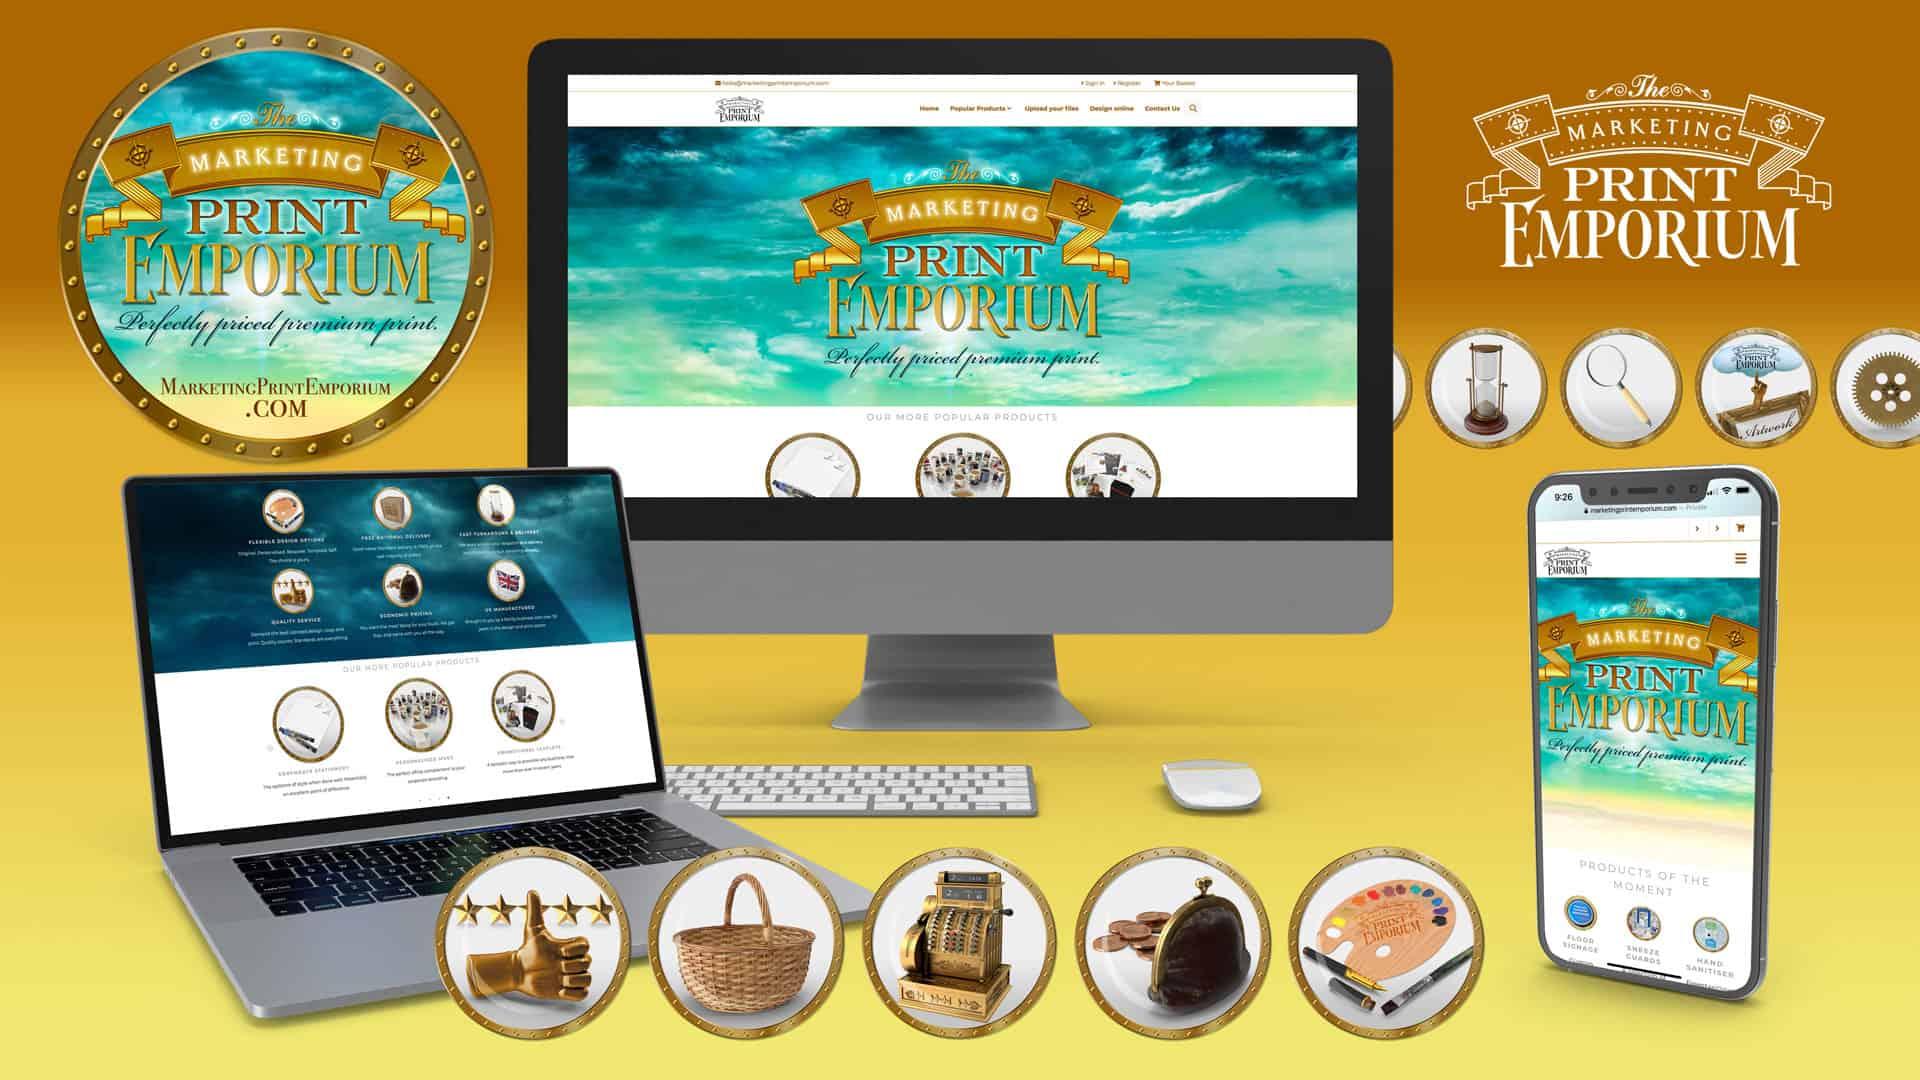 Marketing Print Emporium Image 5